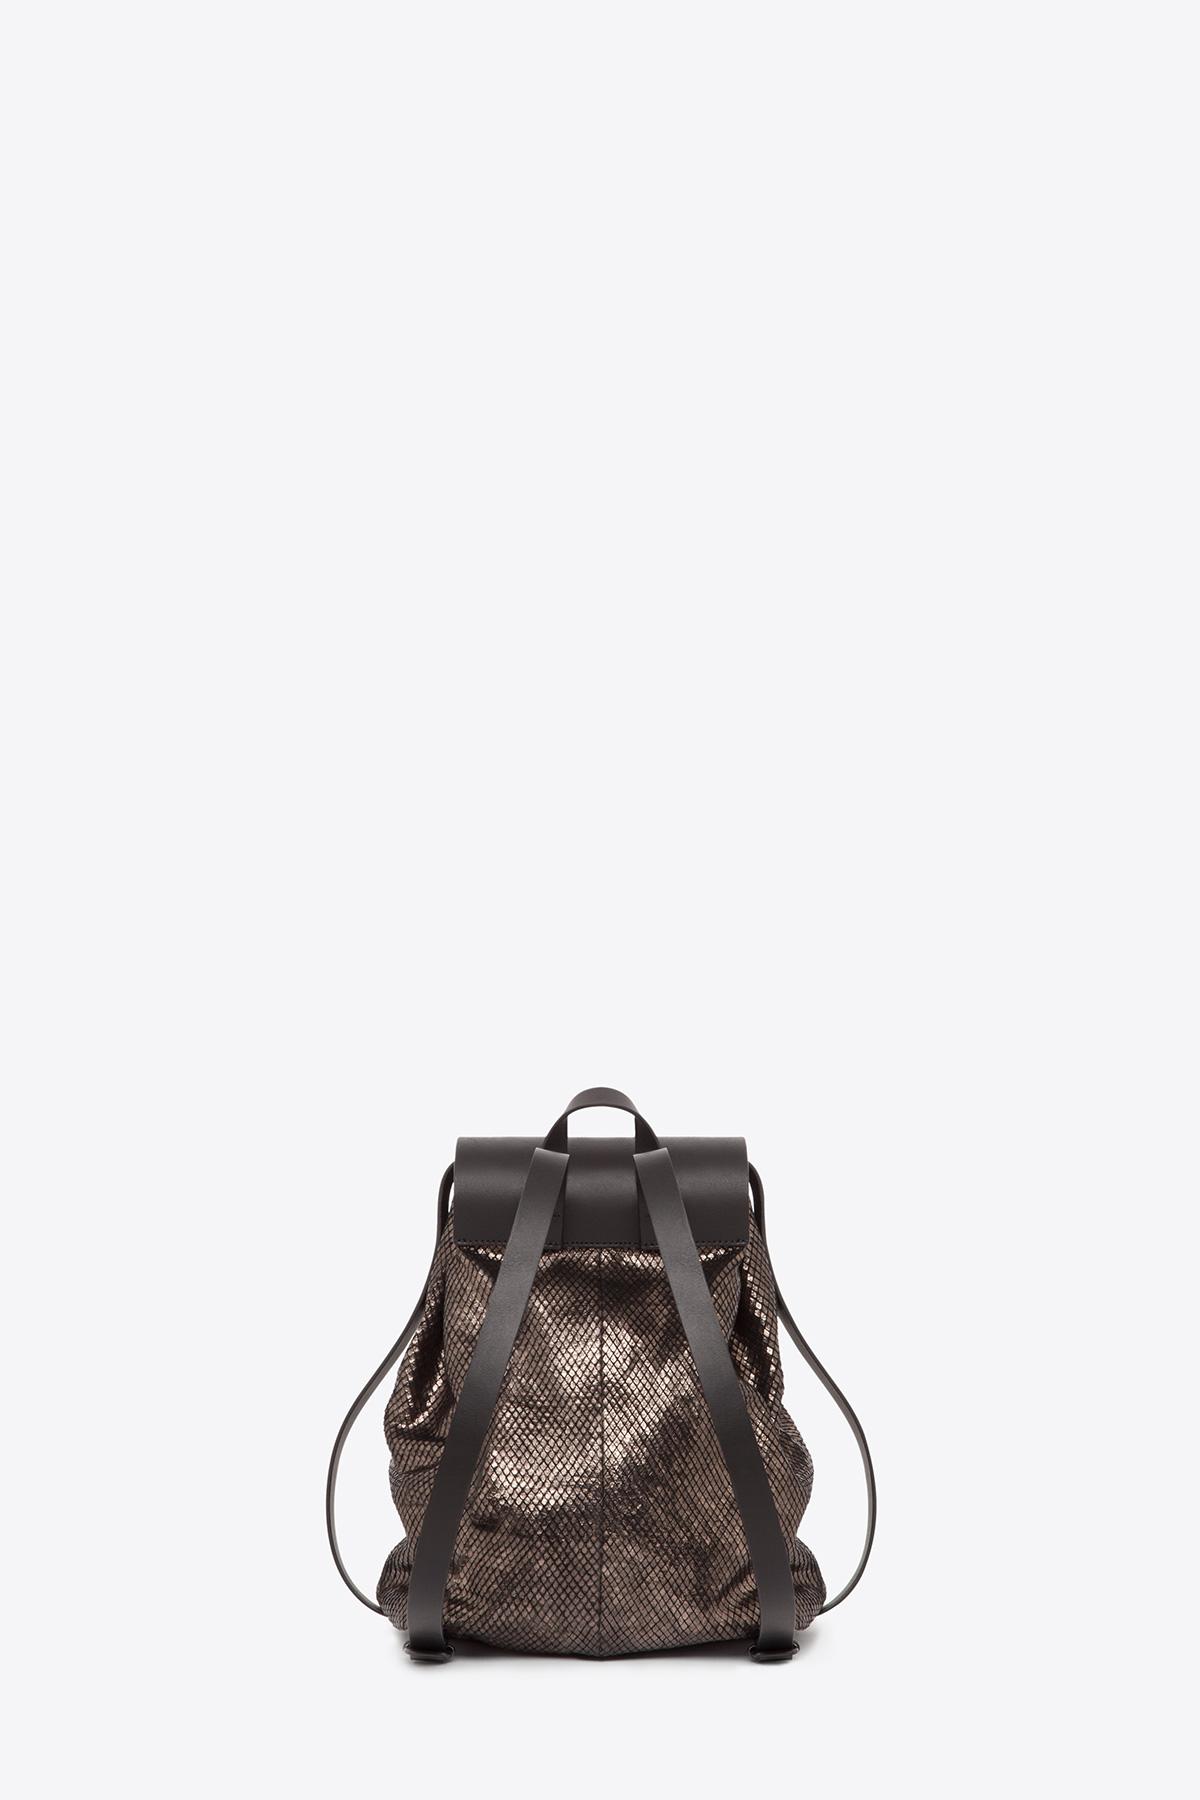 dclr009-b-backpack-a24-backsnakebronze-back